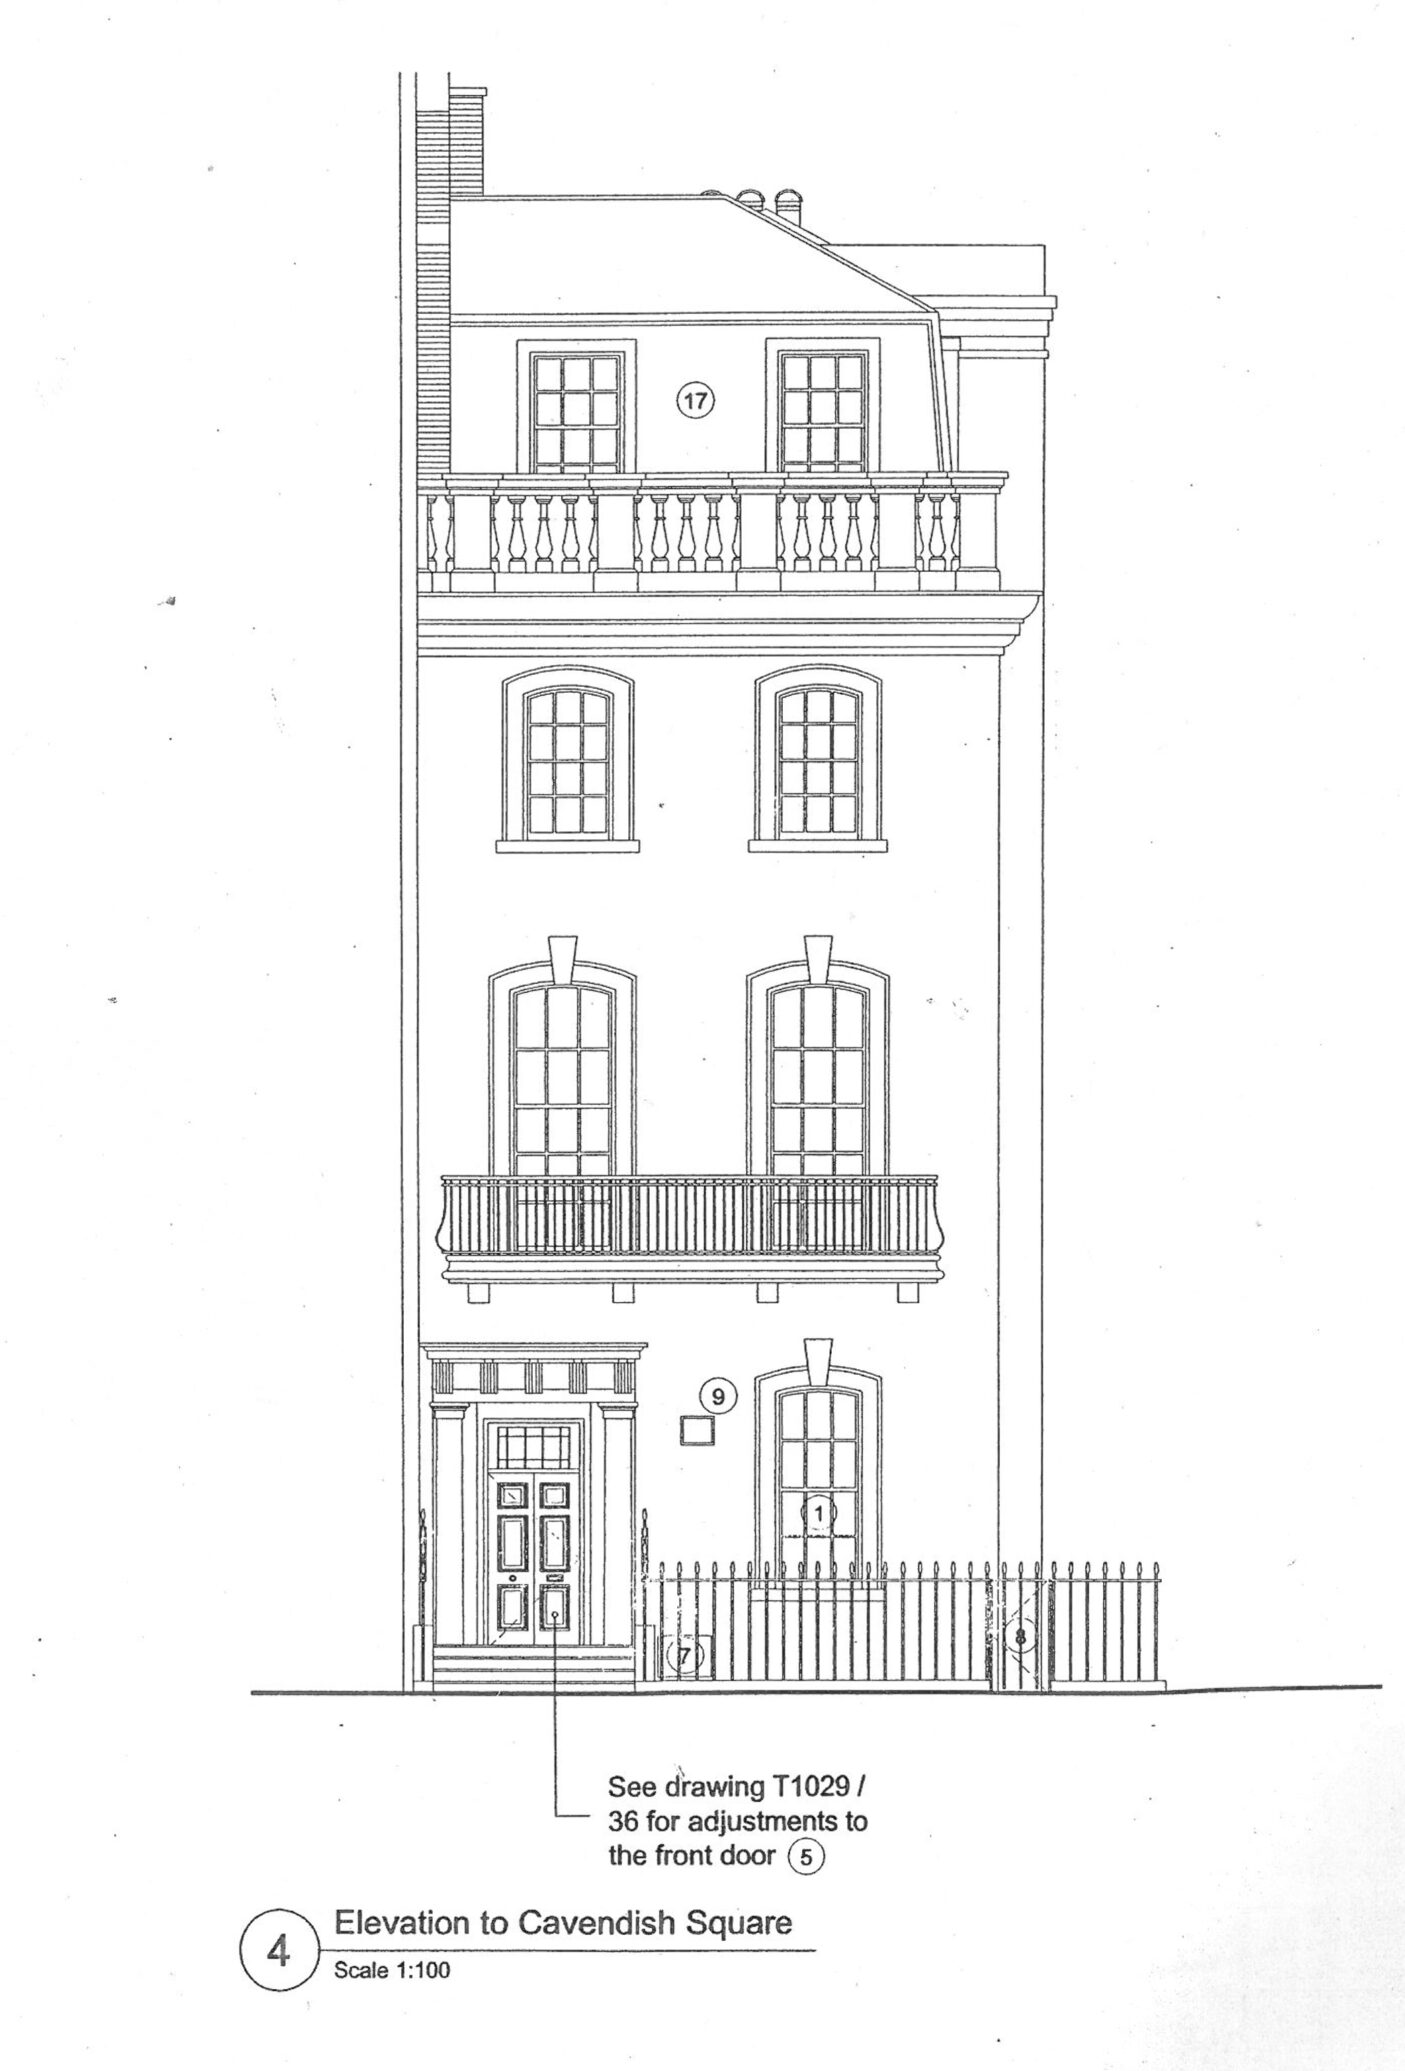 Flanders-House-Londen-3-scaled.jpg